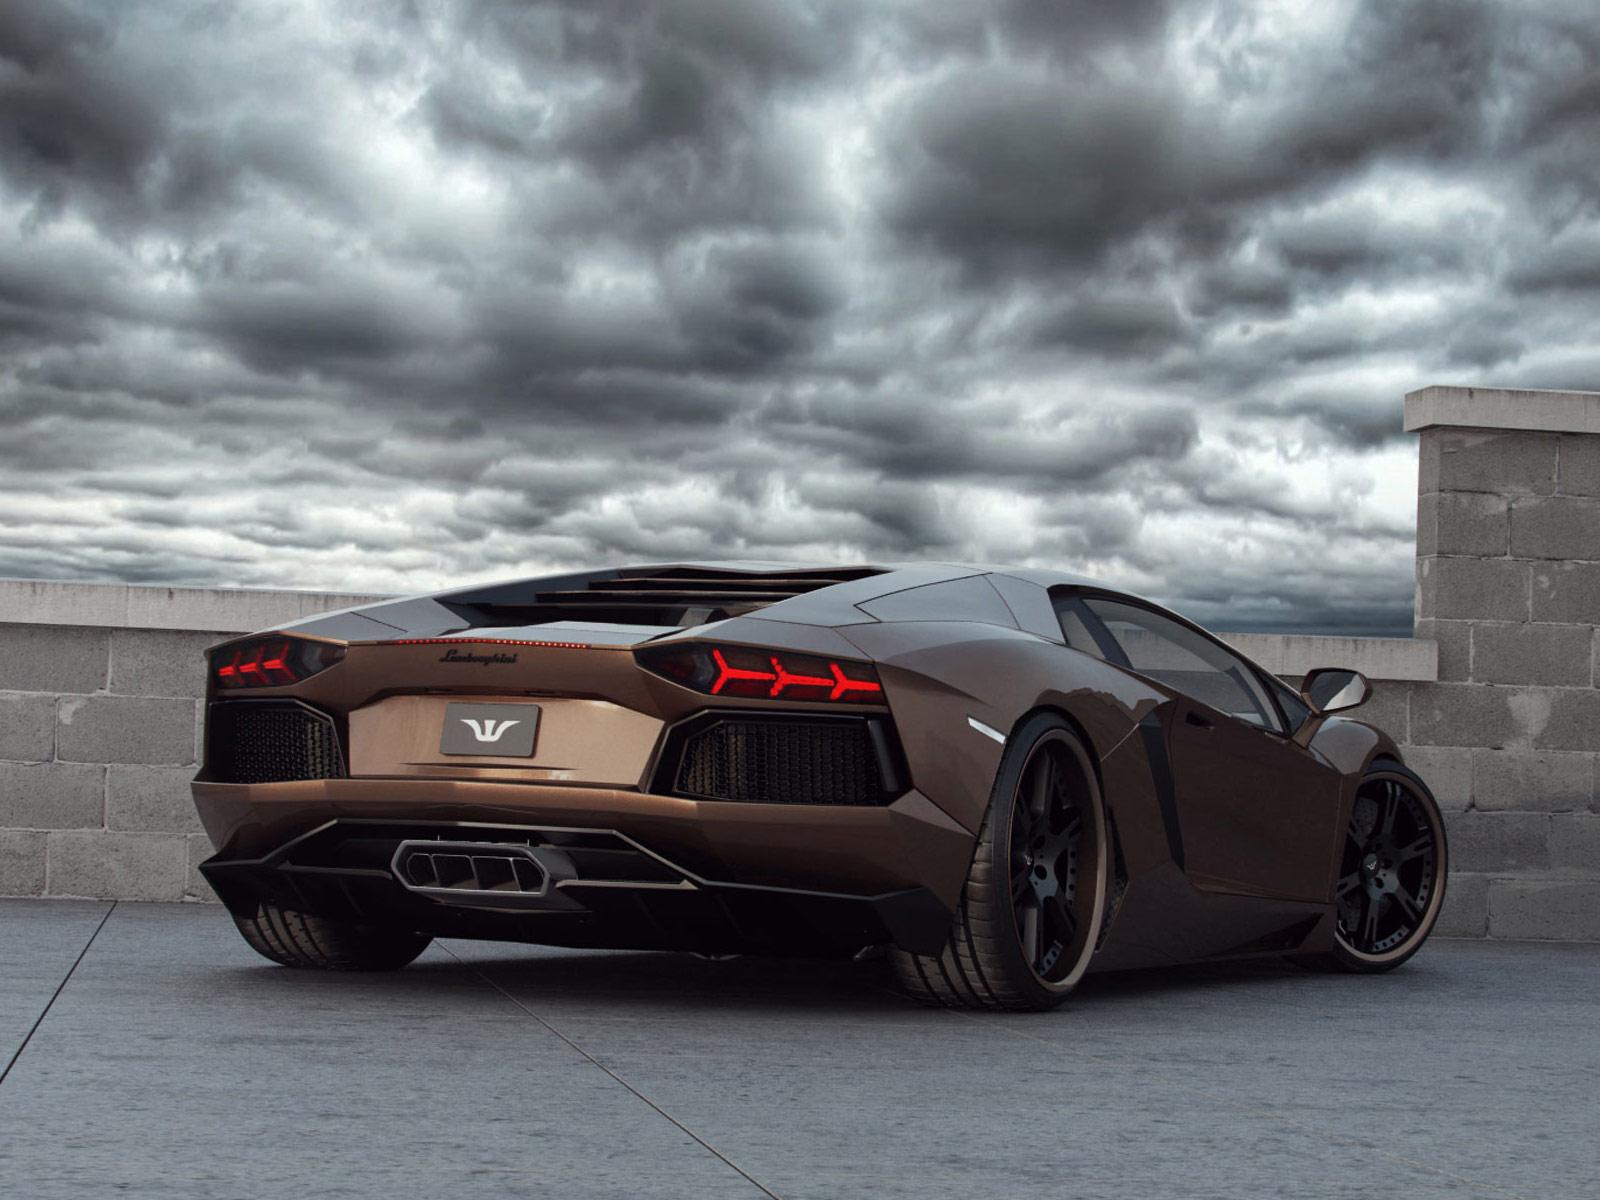 Lamborghini Pictures 2012 Aventador Lp700 4 Rabbioso